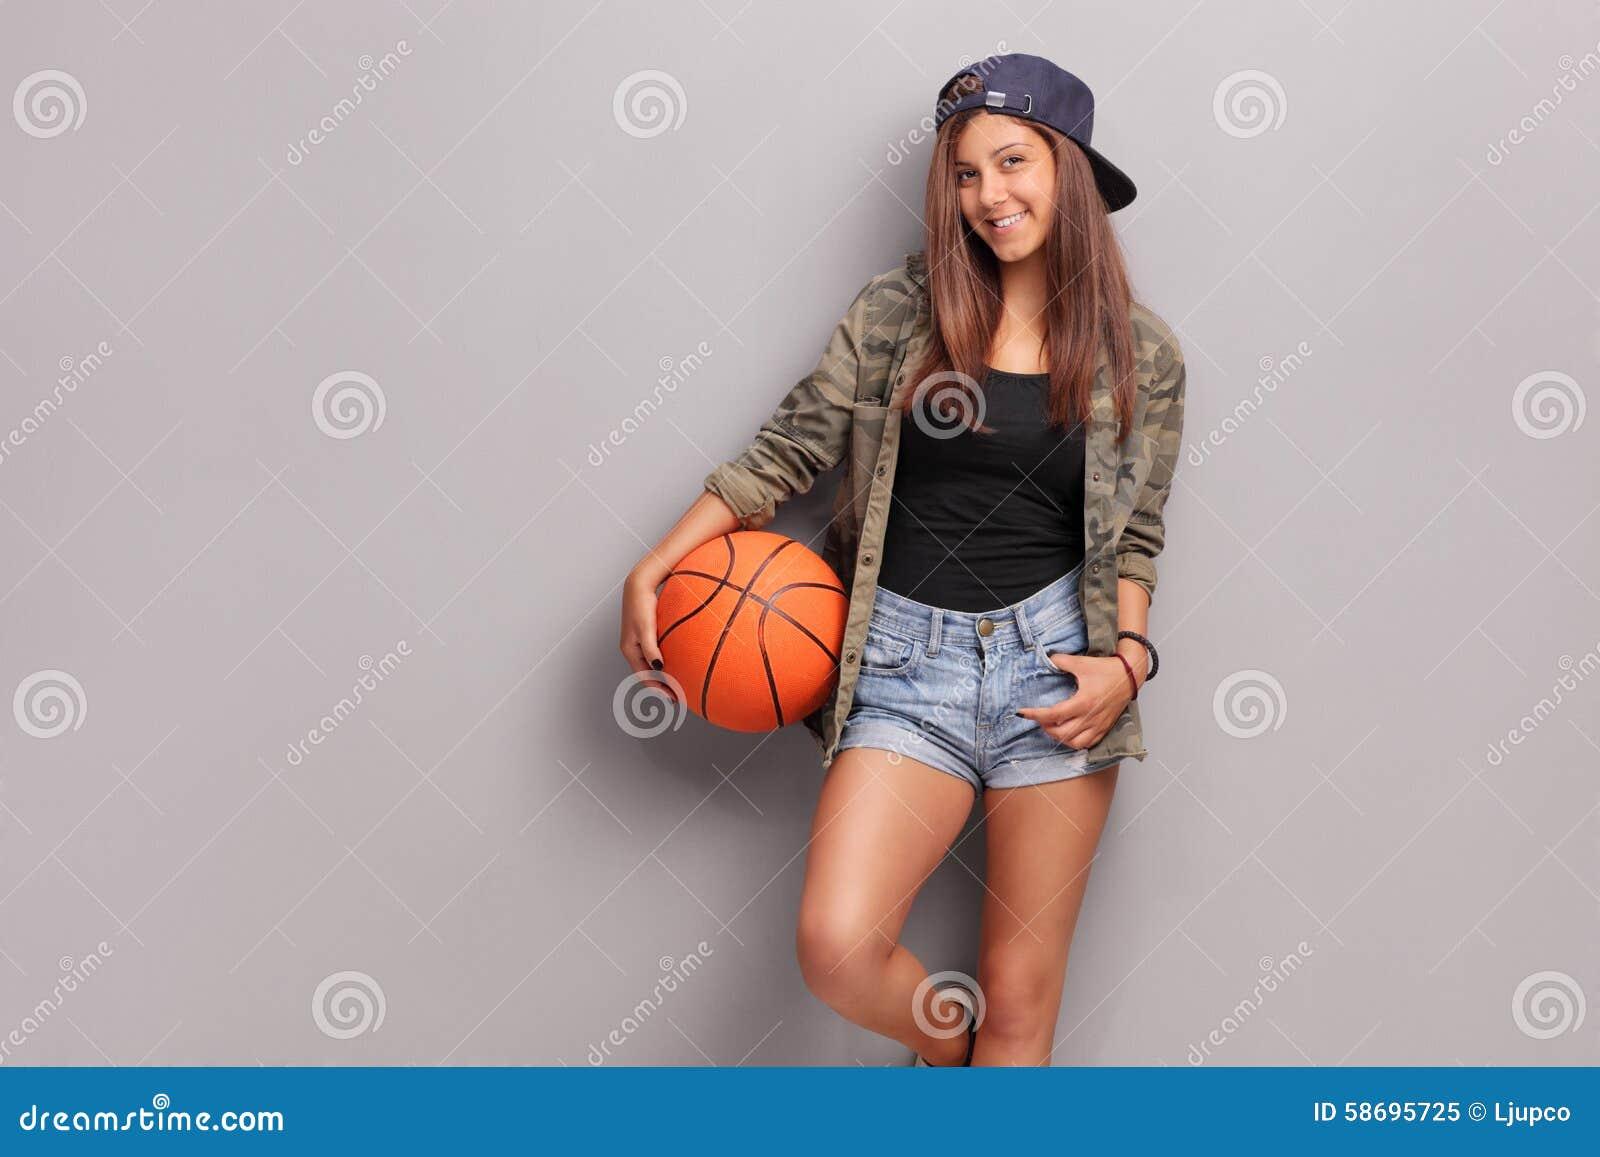 Cool Teenage Girl Holding A Basketball Stock Image Image